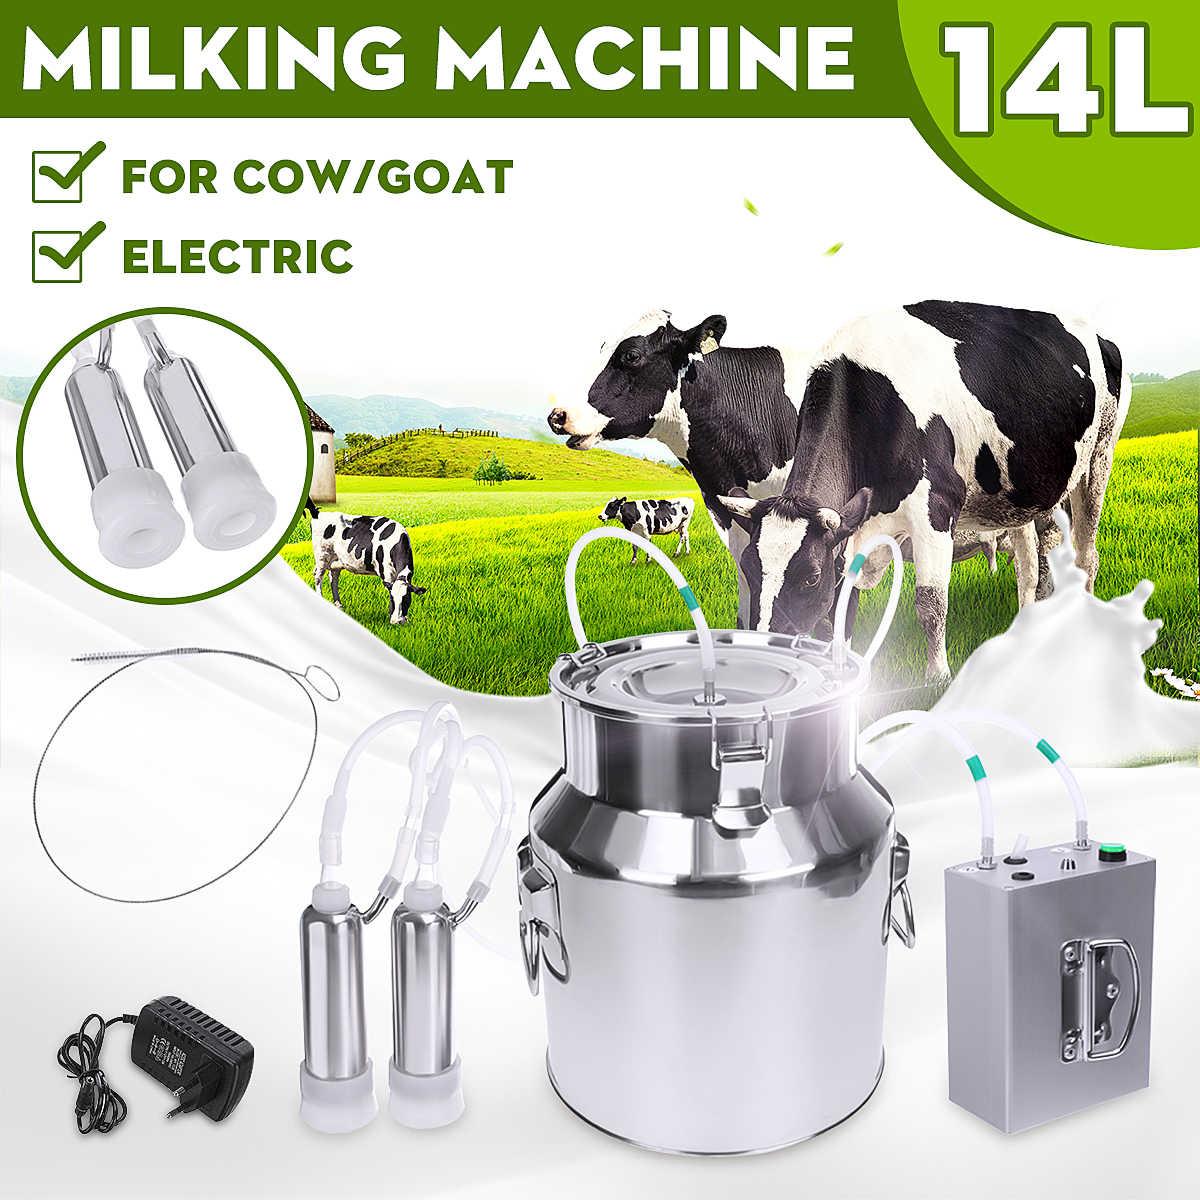 14L 牛ヤギ羊搾乳電動搾乳機ステンレス鋼バケット二ヘッドシリコーンホースと制限バルブ